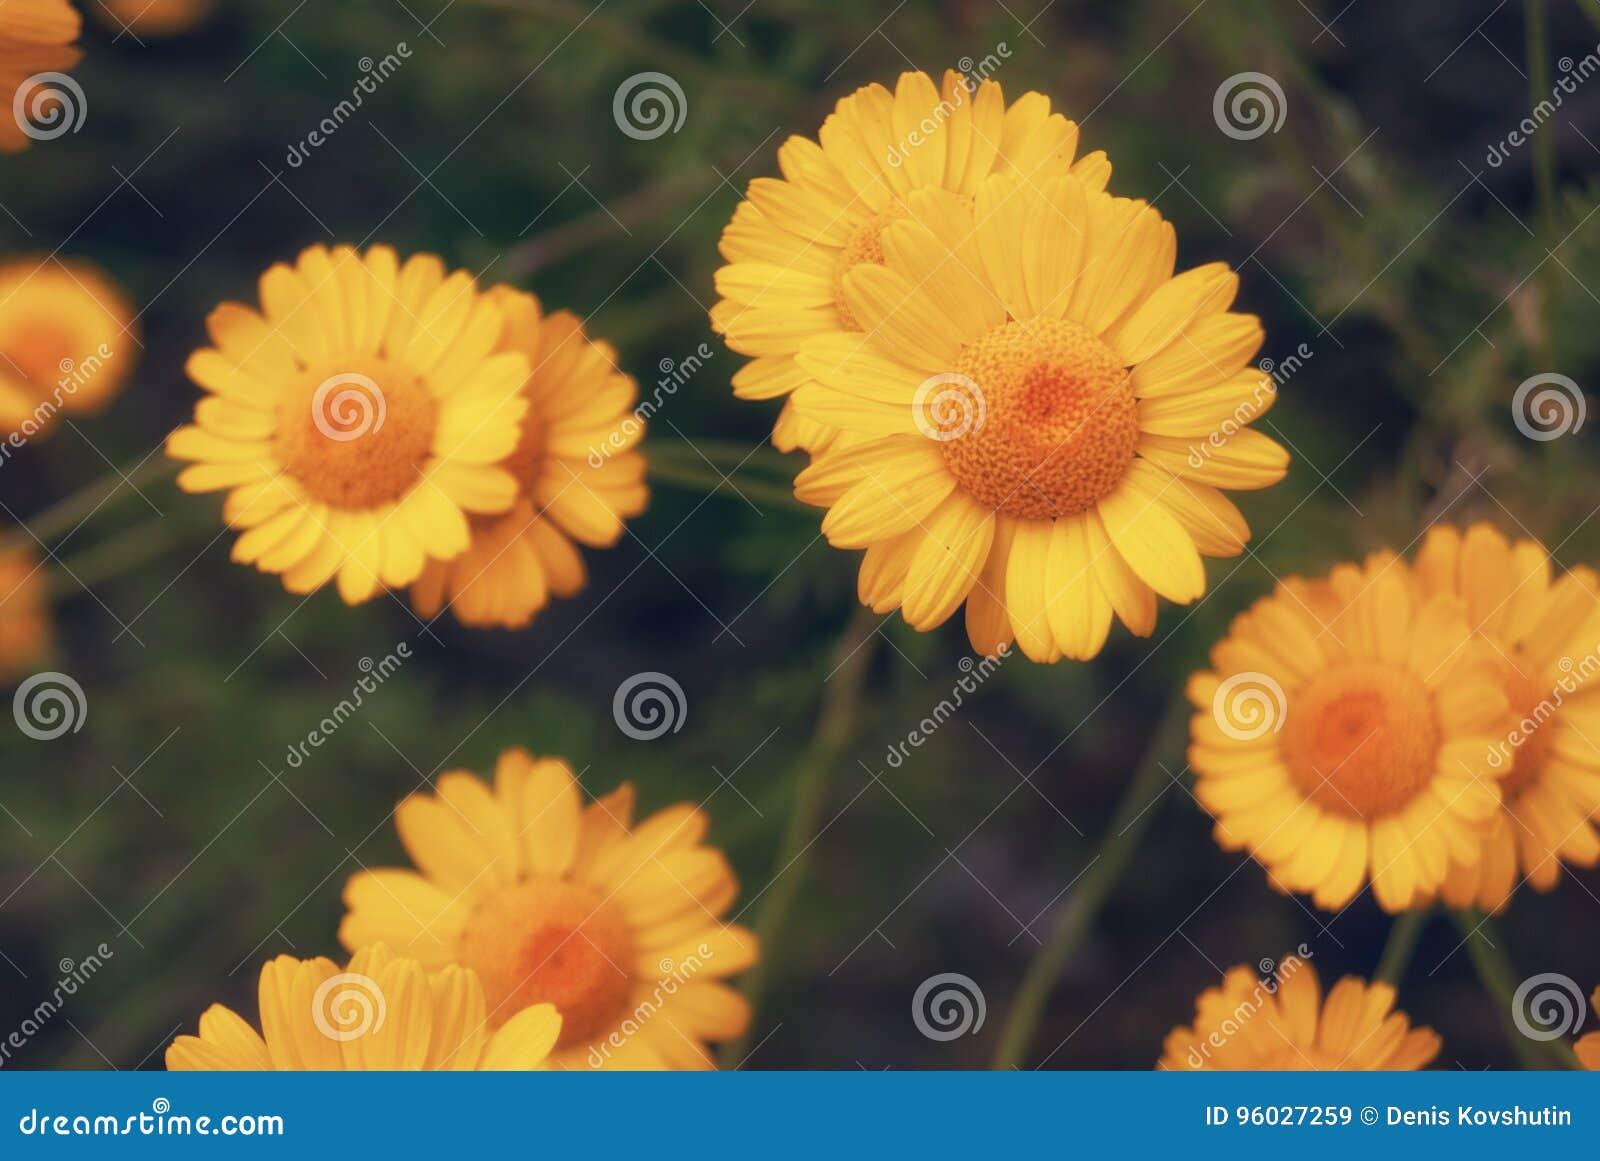 Piękny żółty dzikiego kwiatu stokrotki chamomile zakończenie na haliźnie w polach